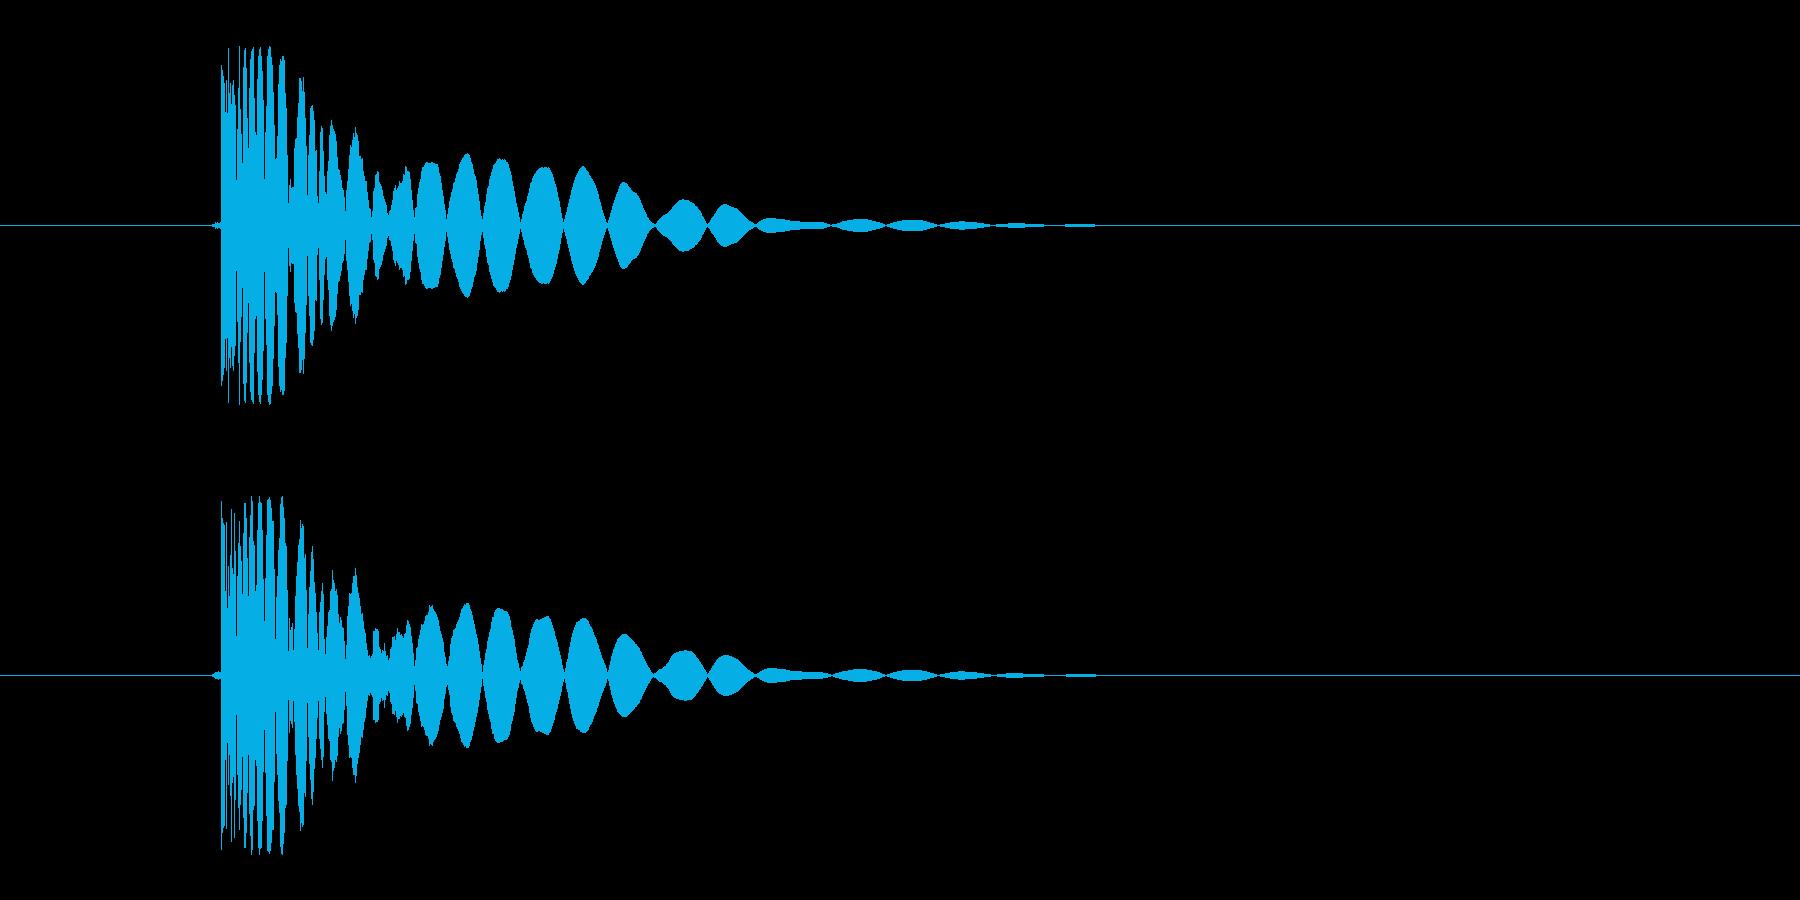 ヒット音(蹴る-1 打撃のインパクト音)の再生済みの波形